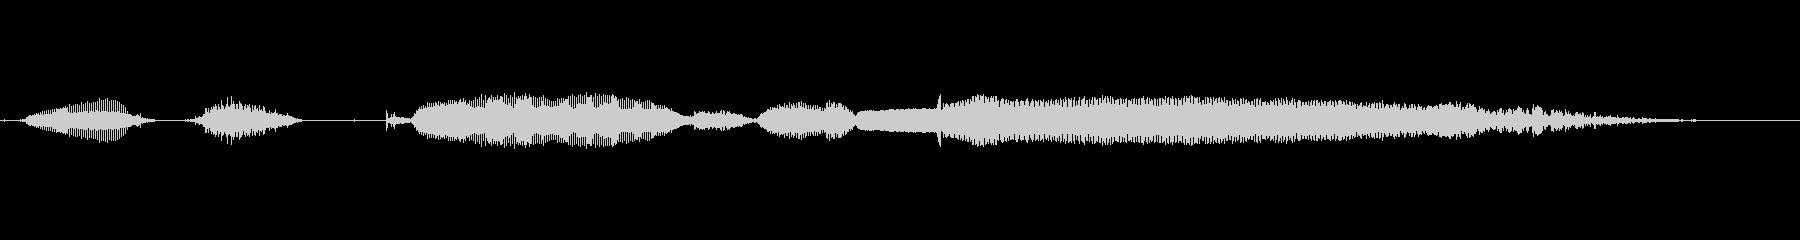 おつかれさま…の未再生の波形